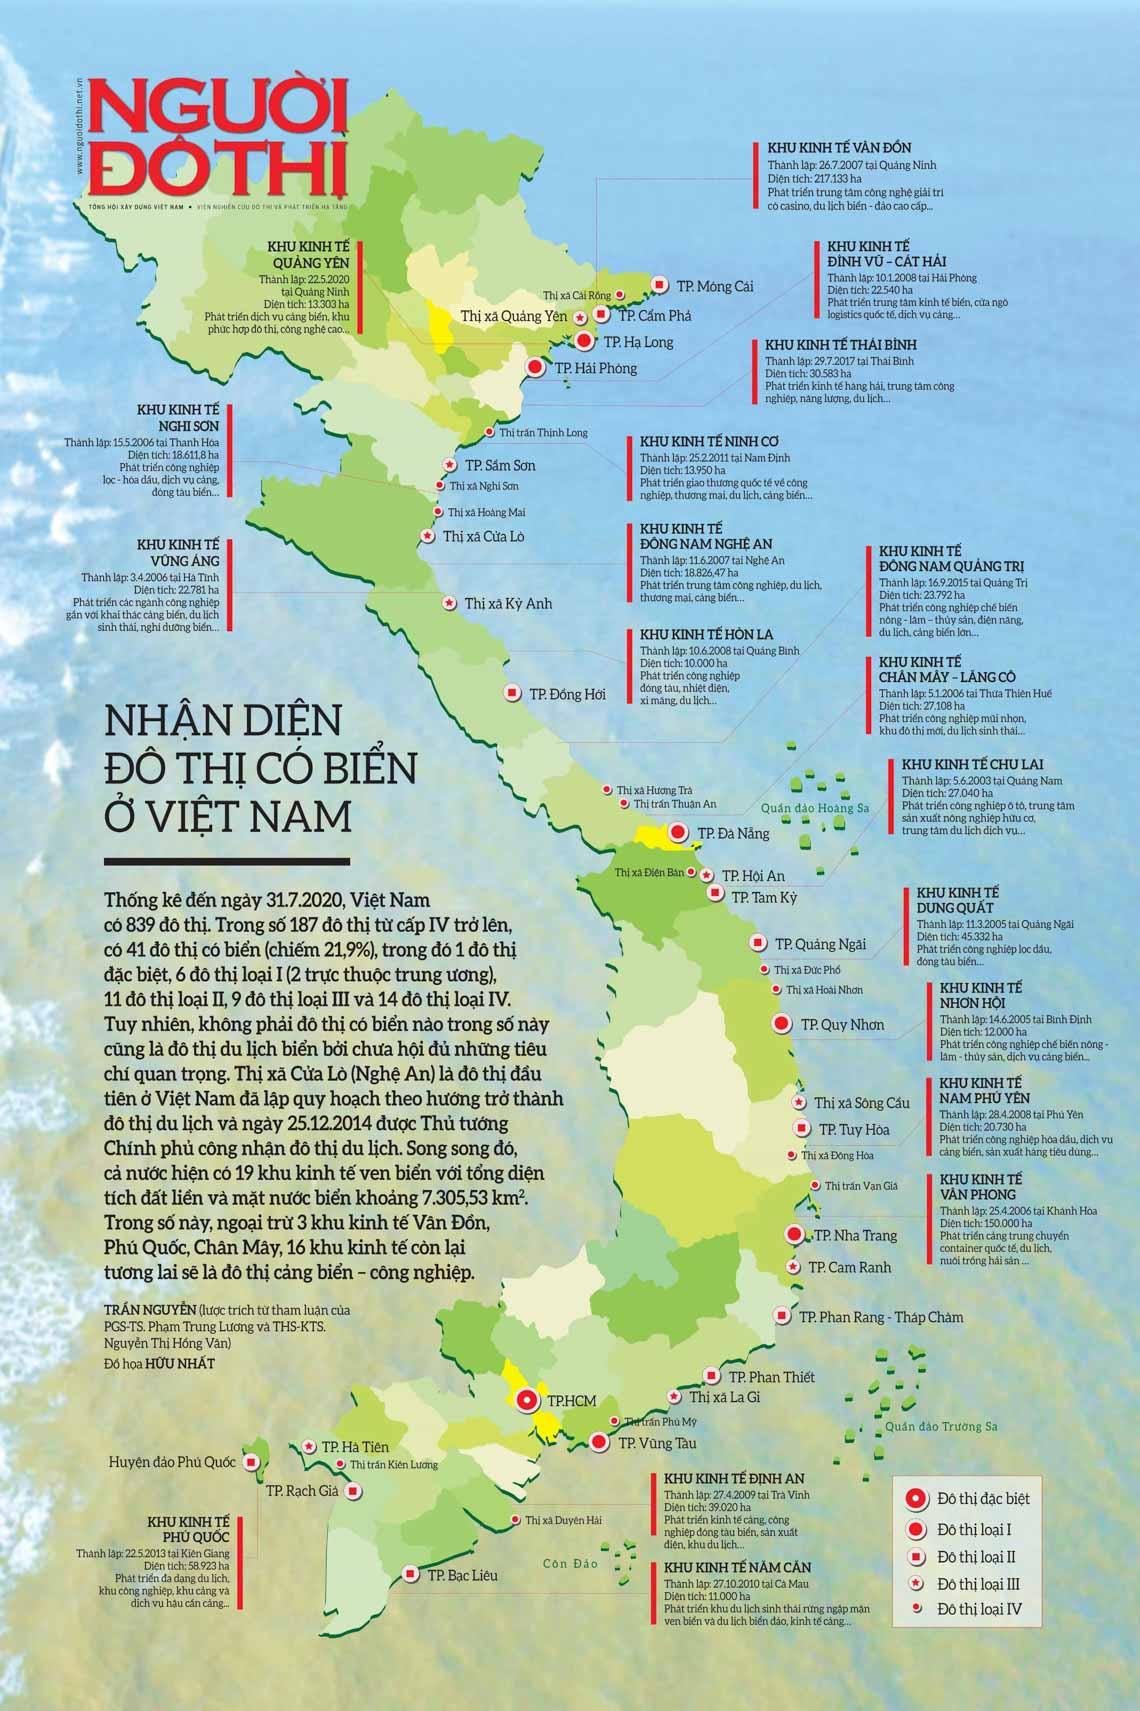 Chuyên đề 'Đô thị đặc thù - Tiến biển bằng đô thị': Nhận diện đô thị có biển ở Việt Nam -2